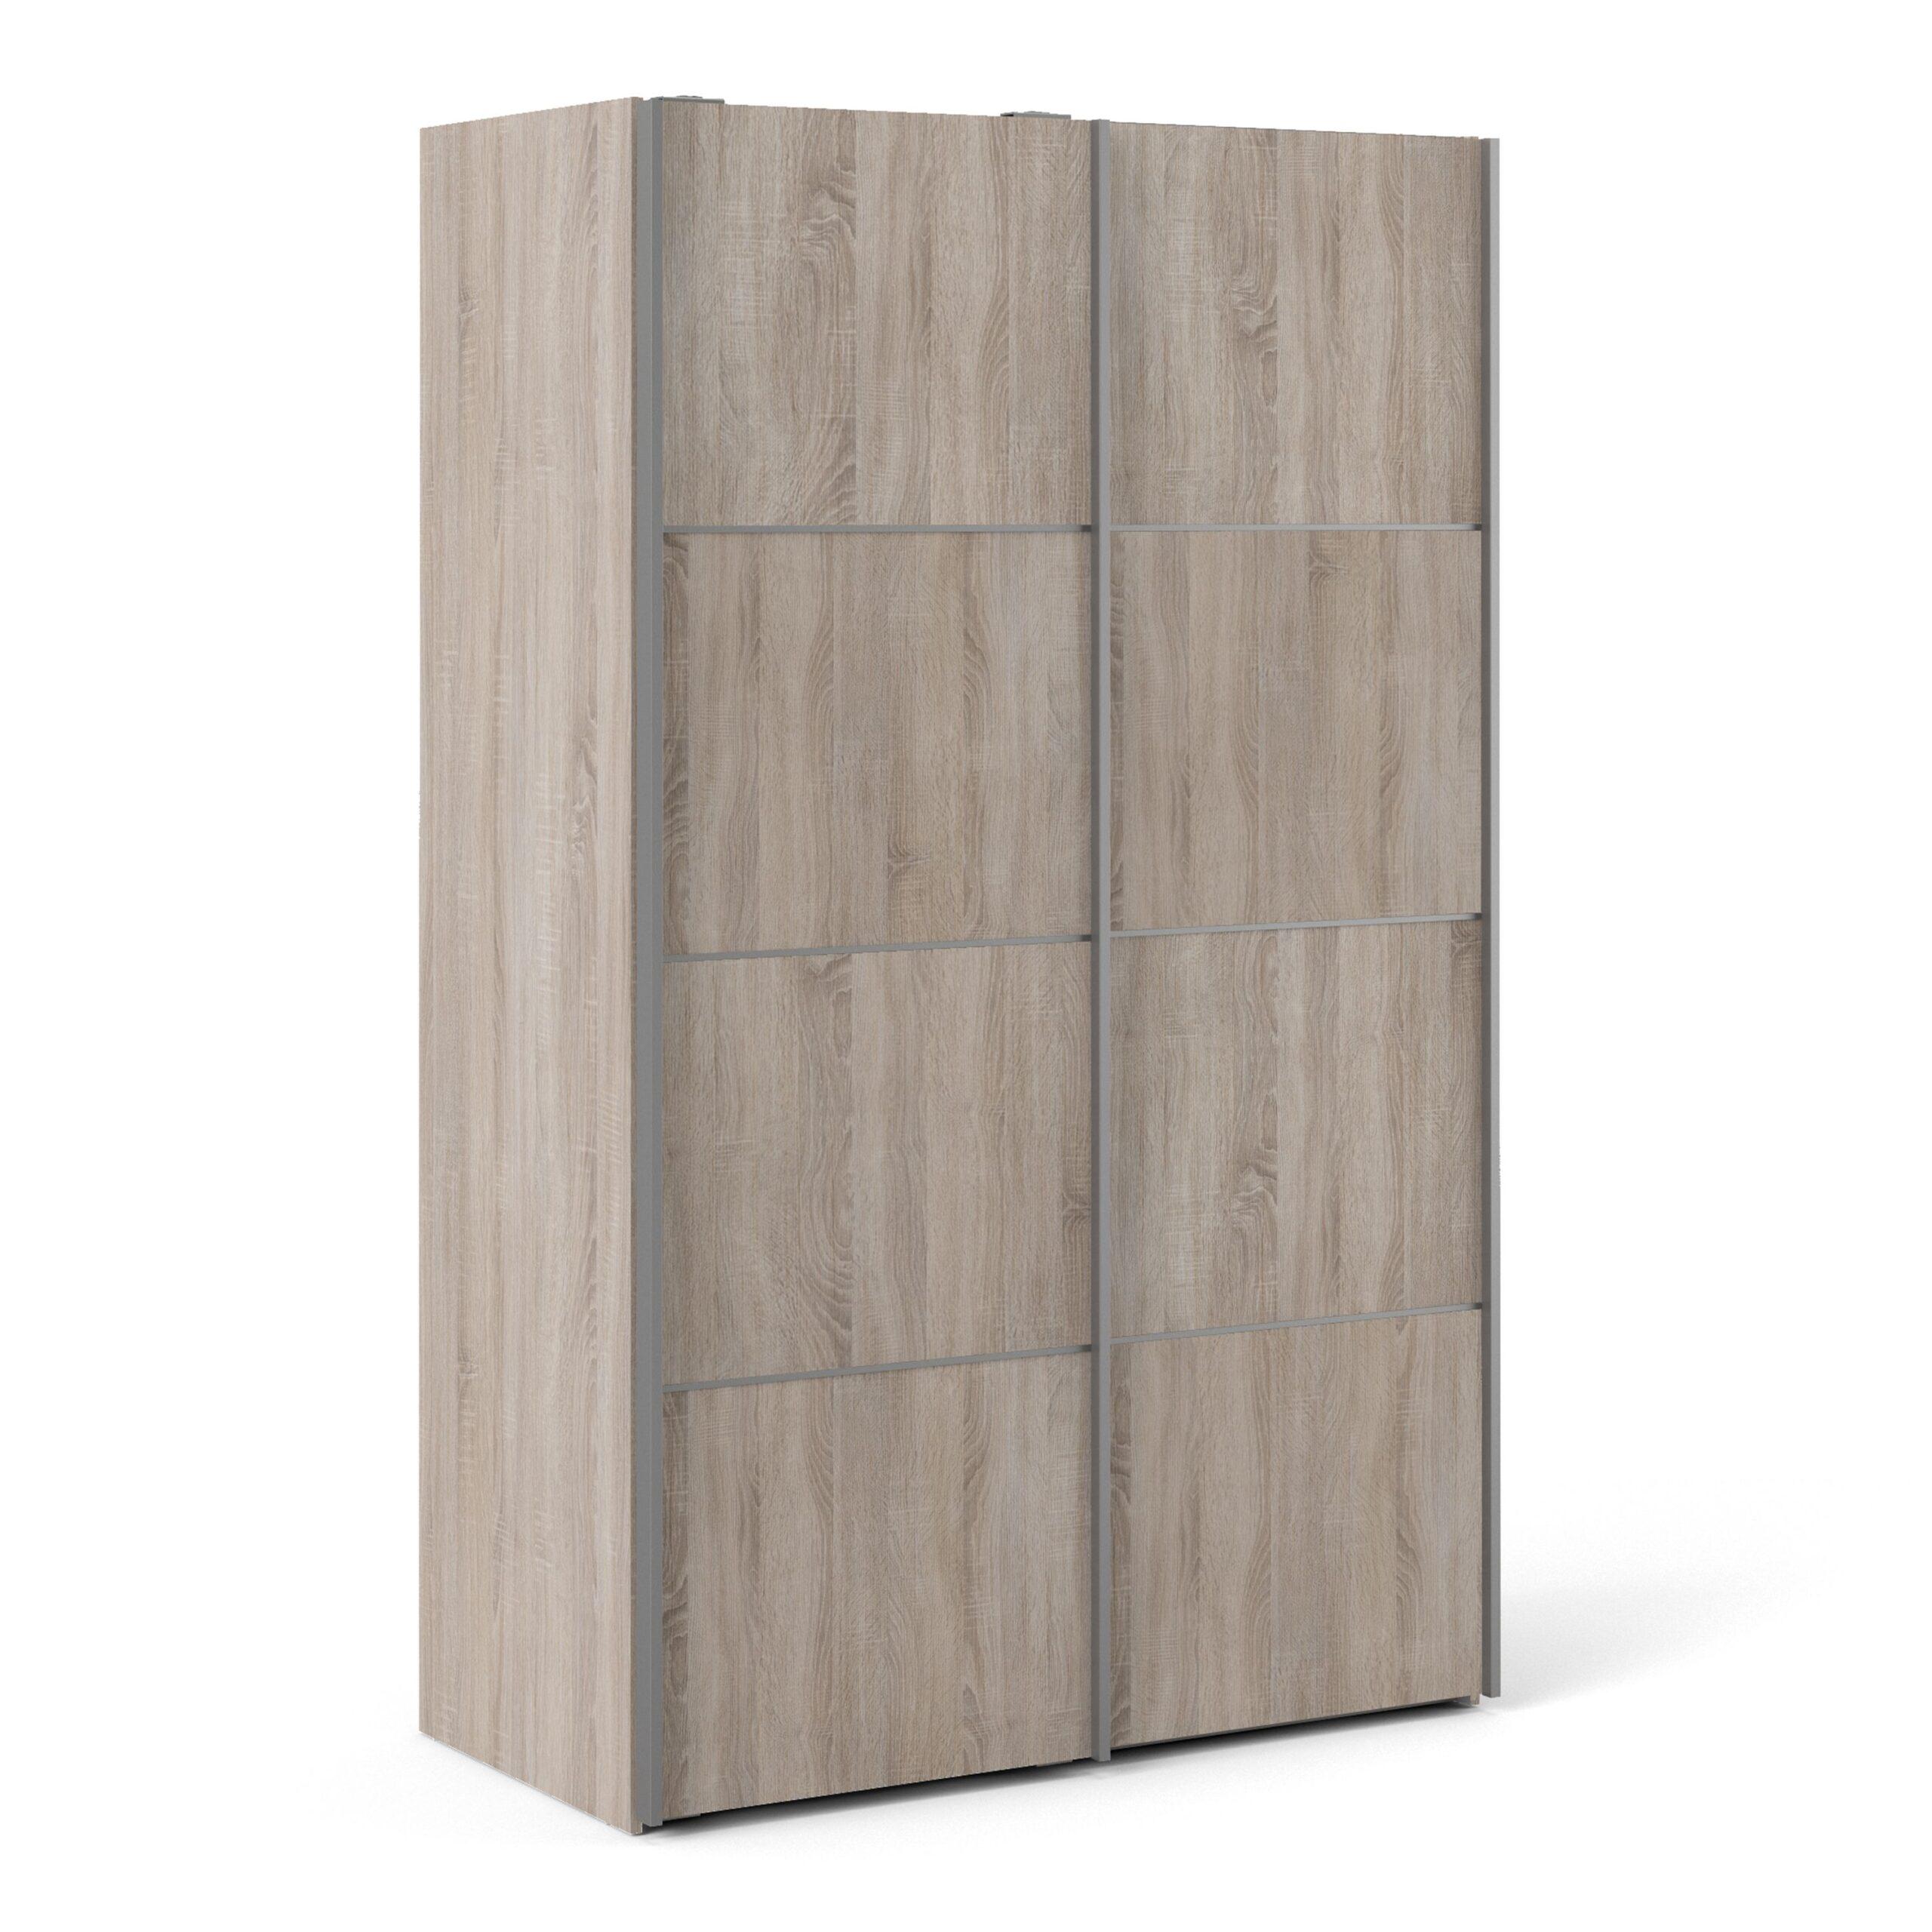 Phillipe Sliding Wardrobe 120cm in Truffle Oak with Truffle Oak Doors with 2 Shelves